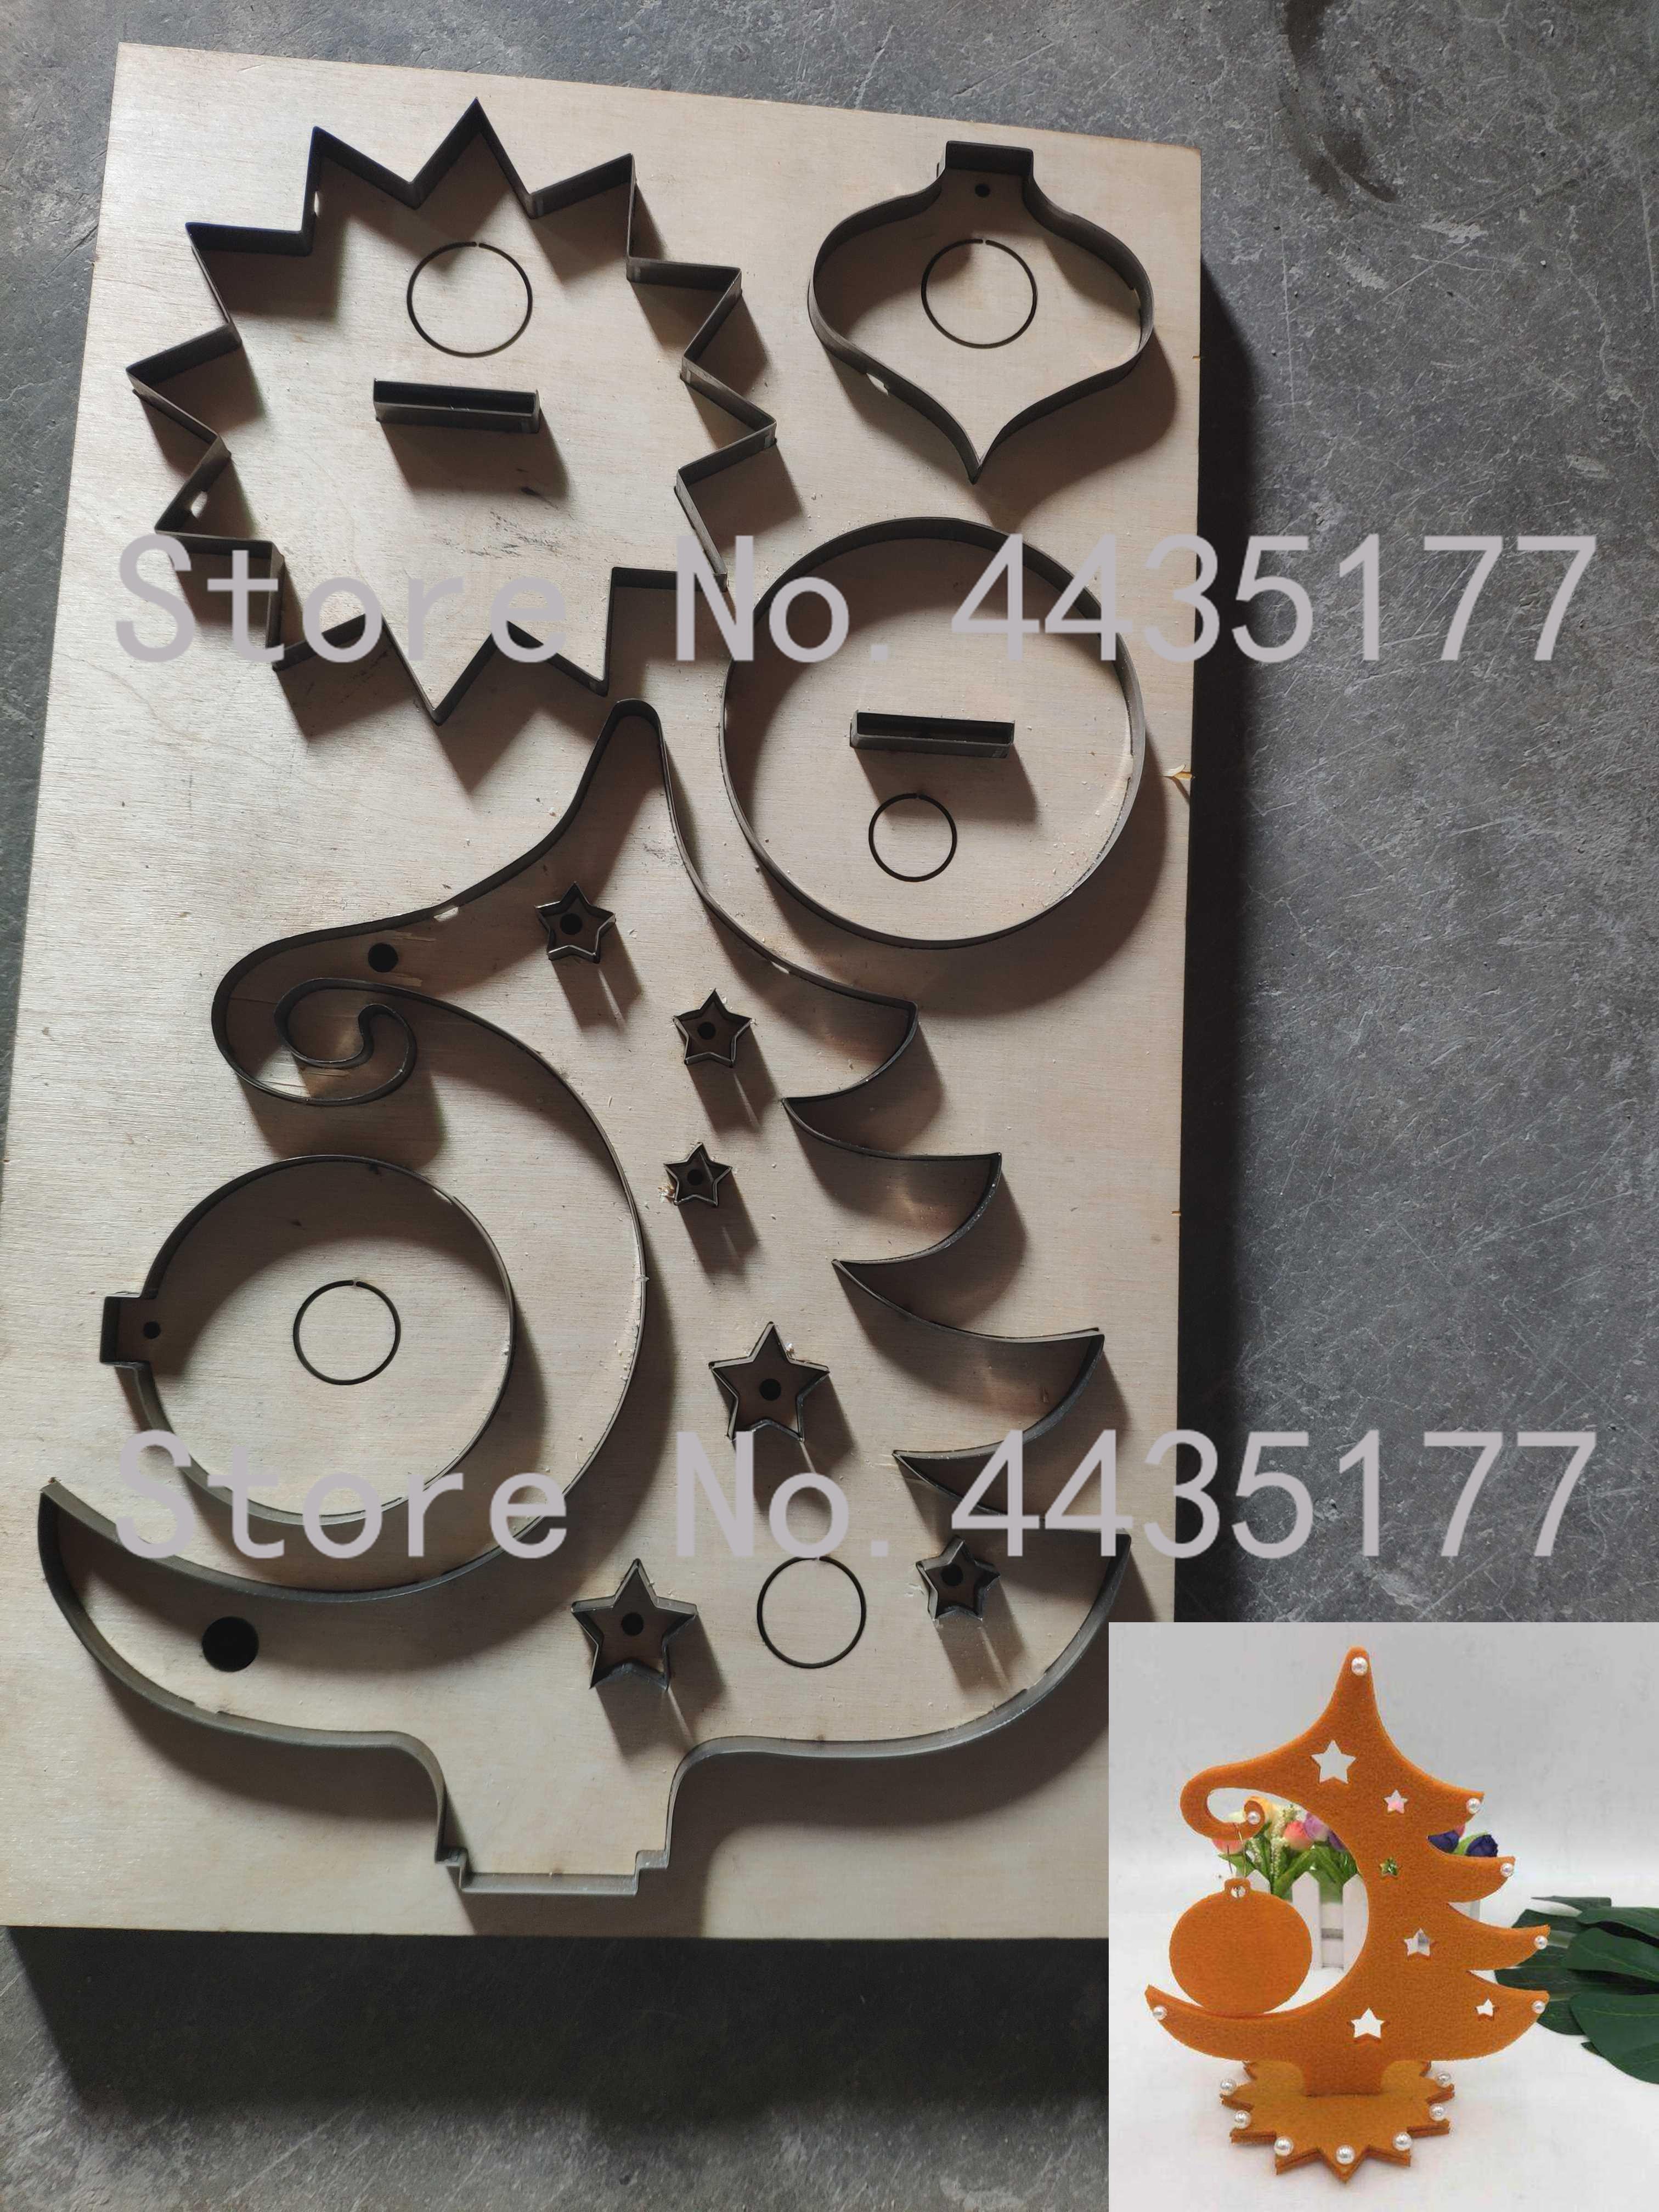 Règle de lame en acier du japon poinçon en acier découpé avec des matrices en bois de moule de coupe d'étiquette d'arbre de noël pour le coupeur en cuir pour l'artisanat en cuir